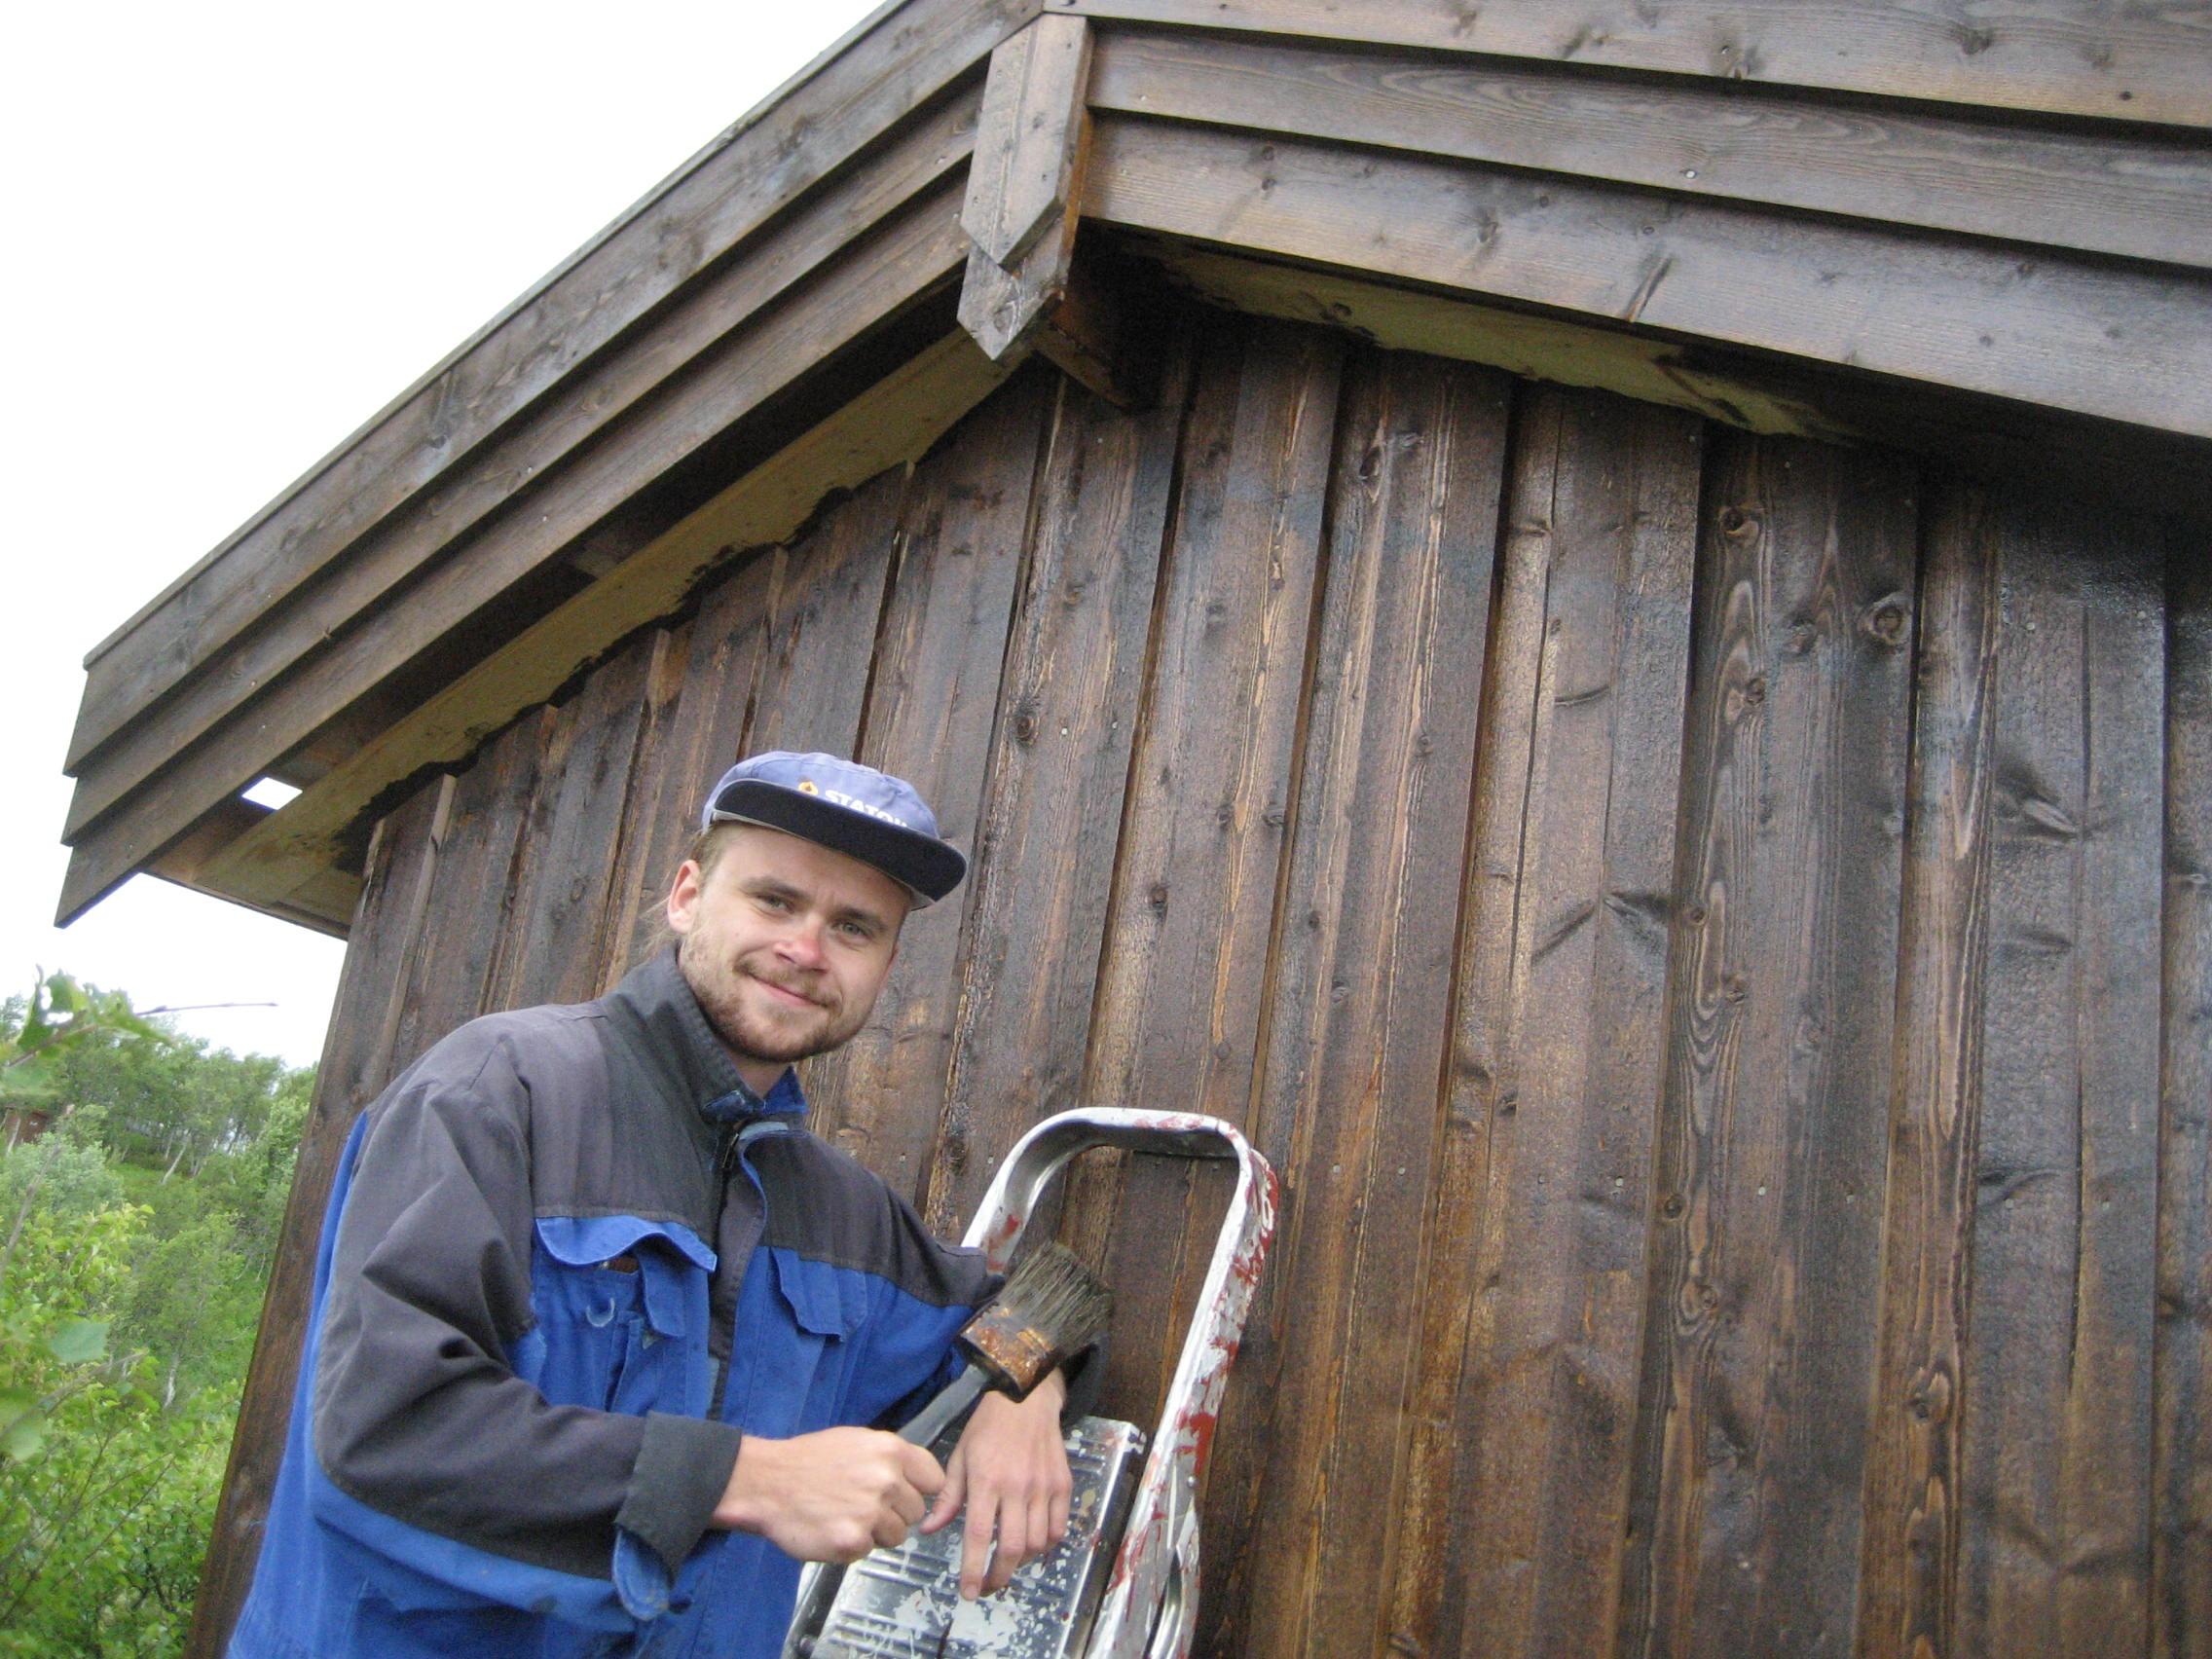 Lars beiser Hainntjønna hyttelags bod den 2.7.2016.